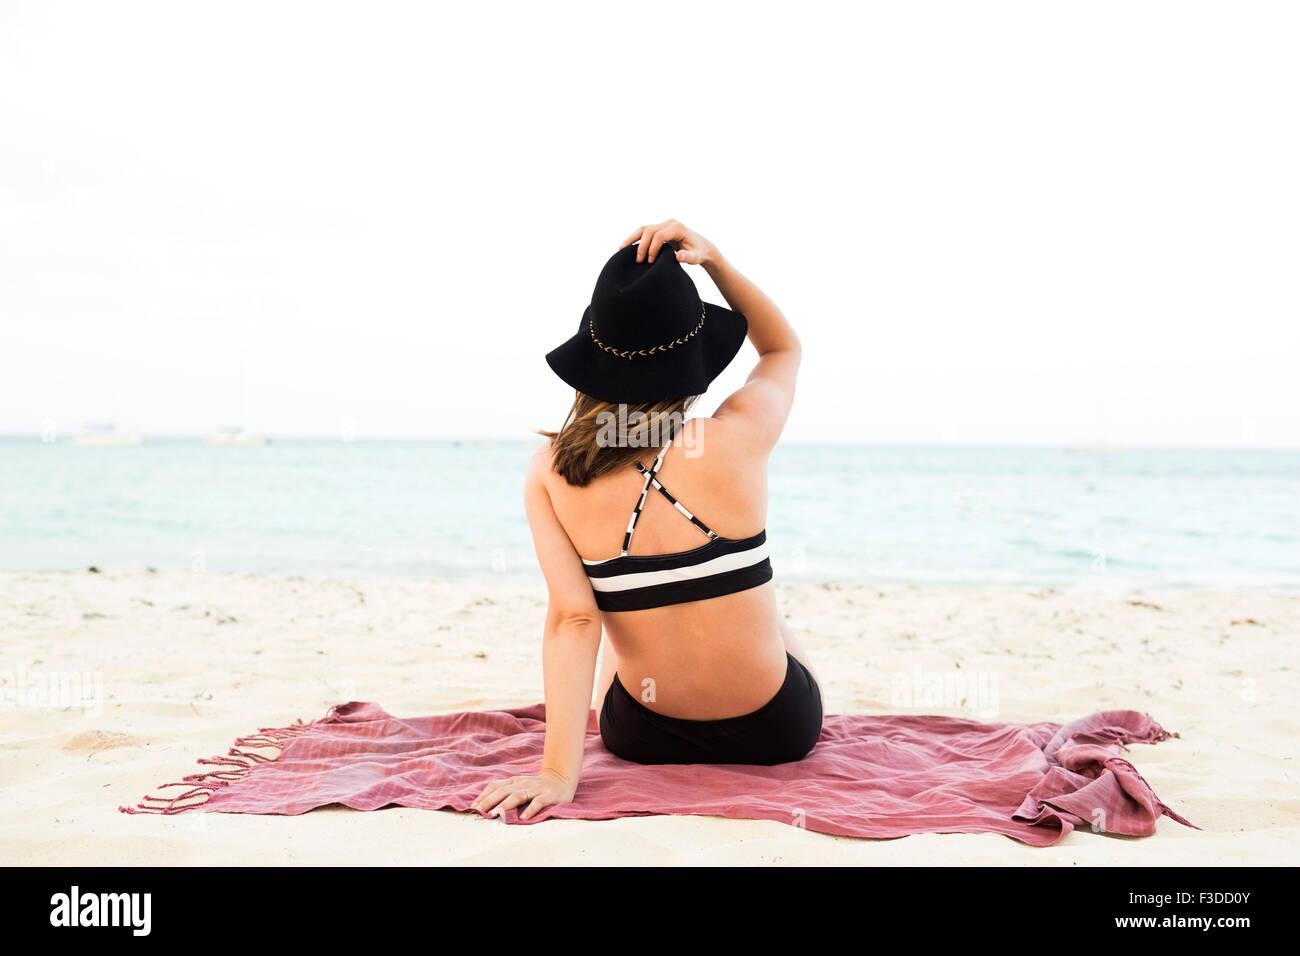 Woman in bikini relaxing on beach Photo Stock